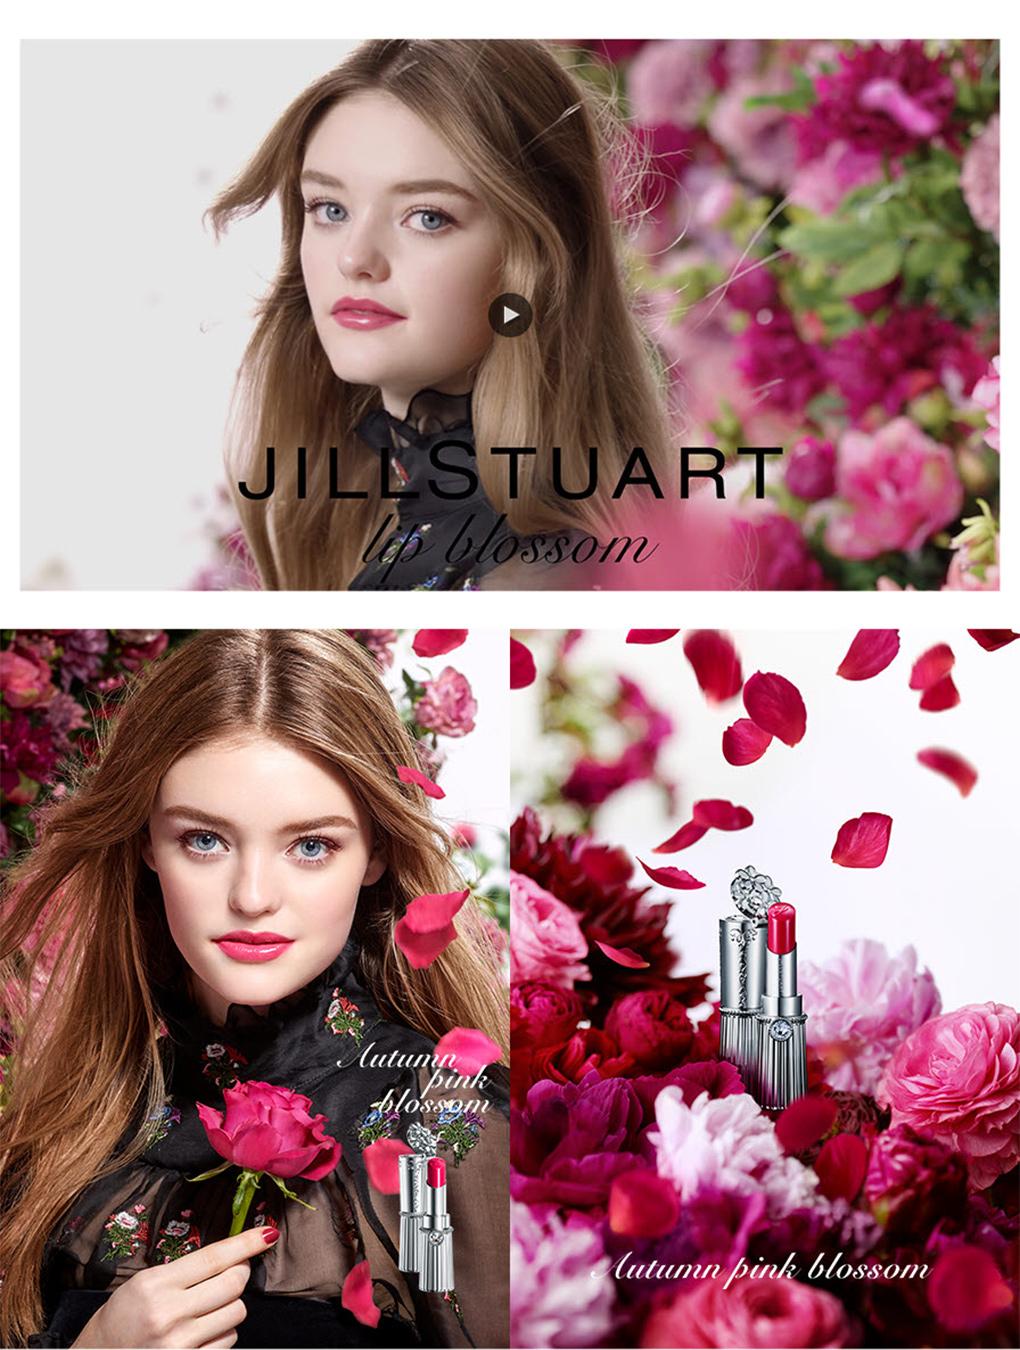 JILLSTUART Lip blossom